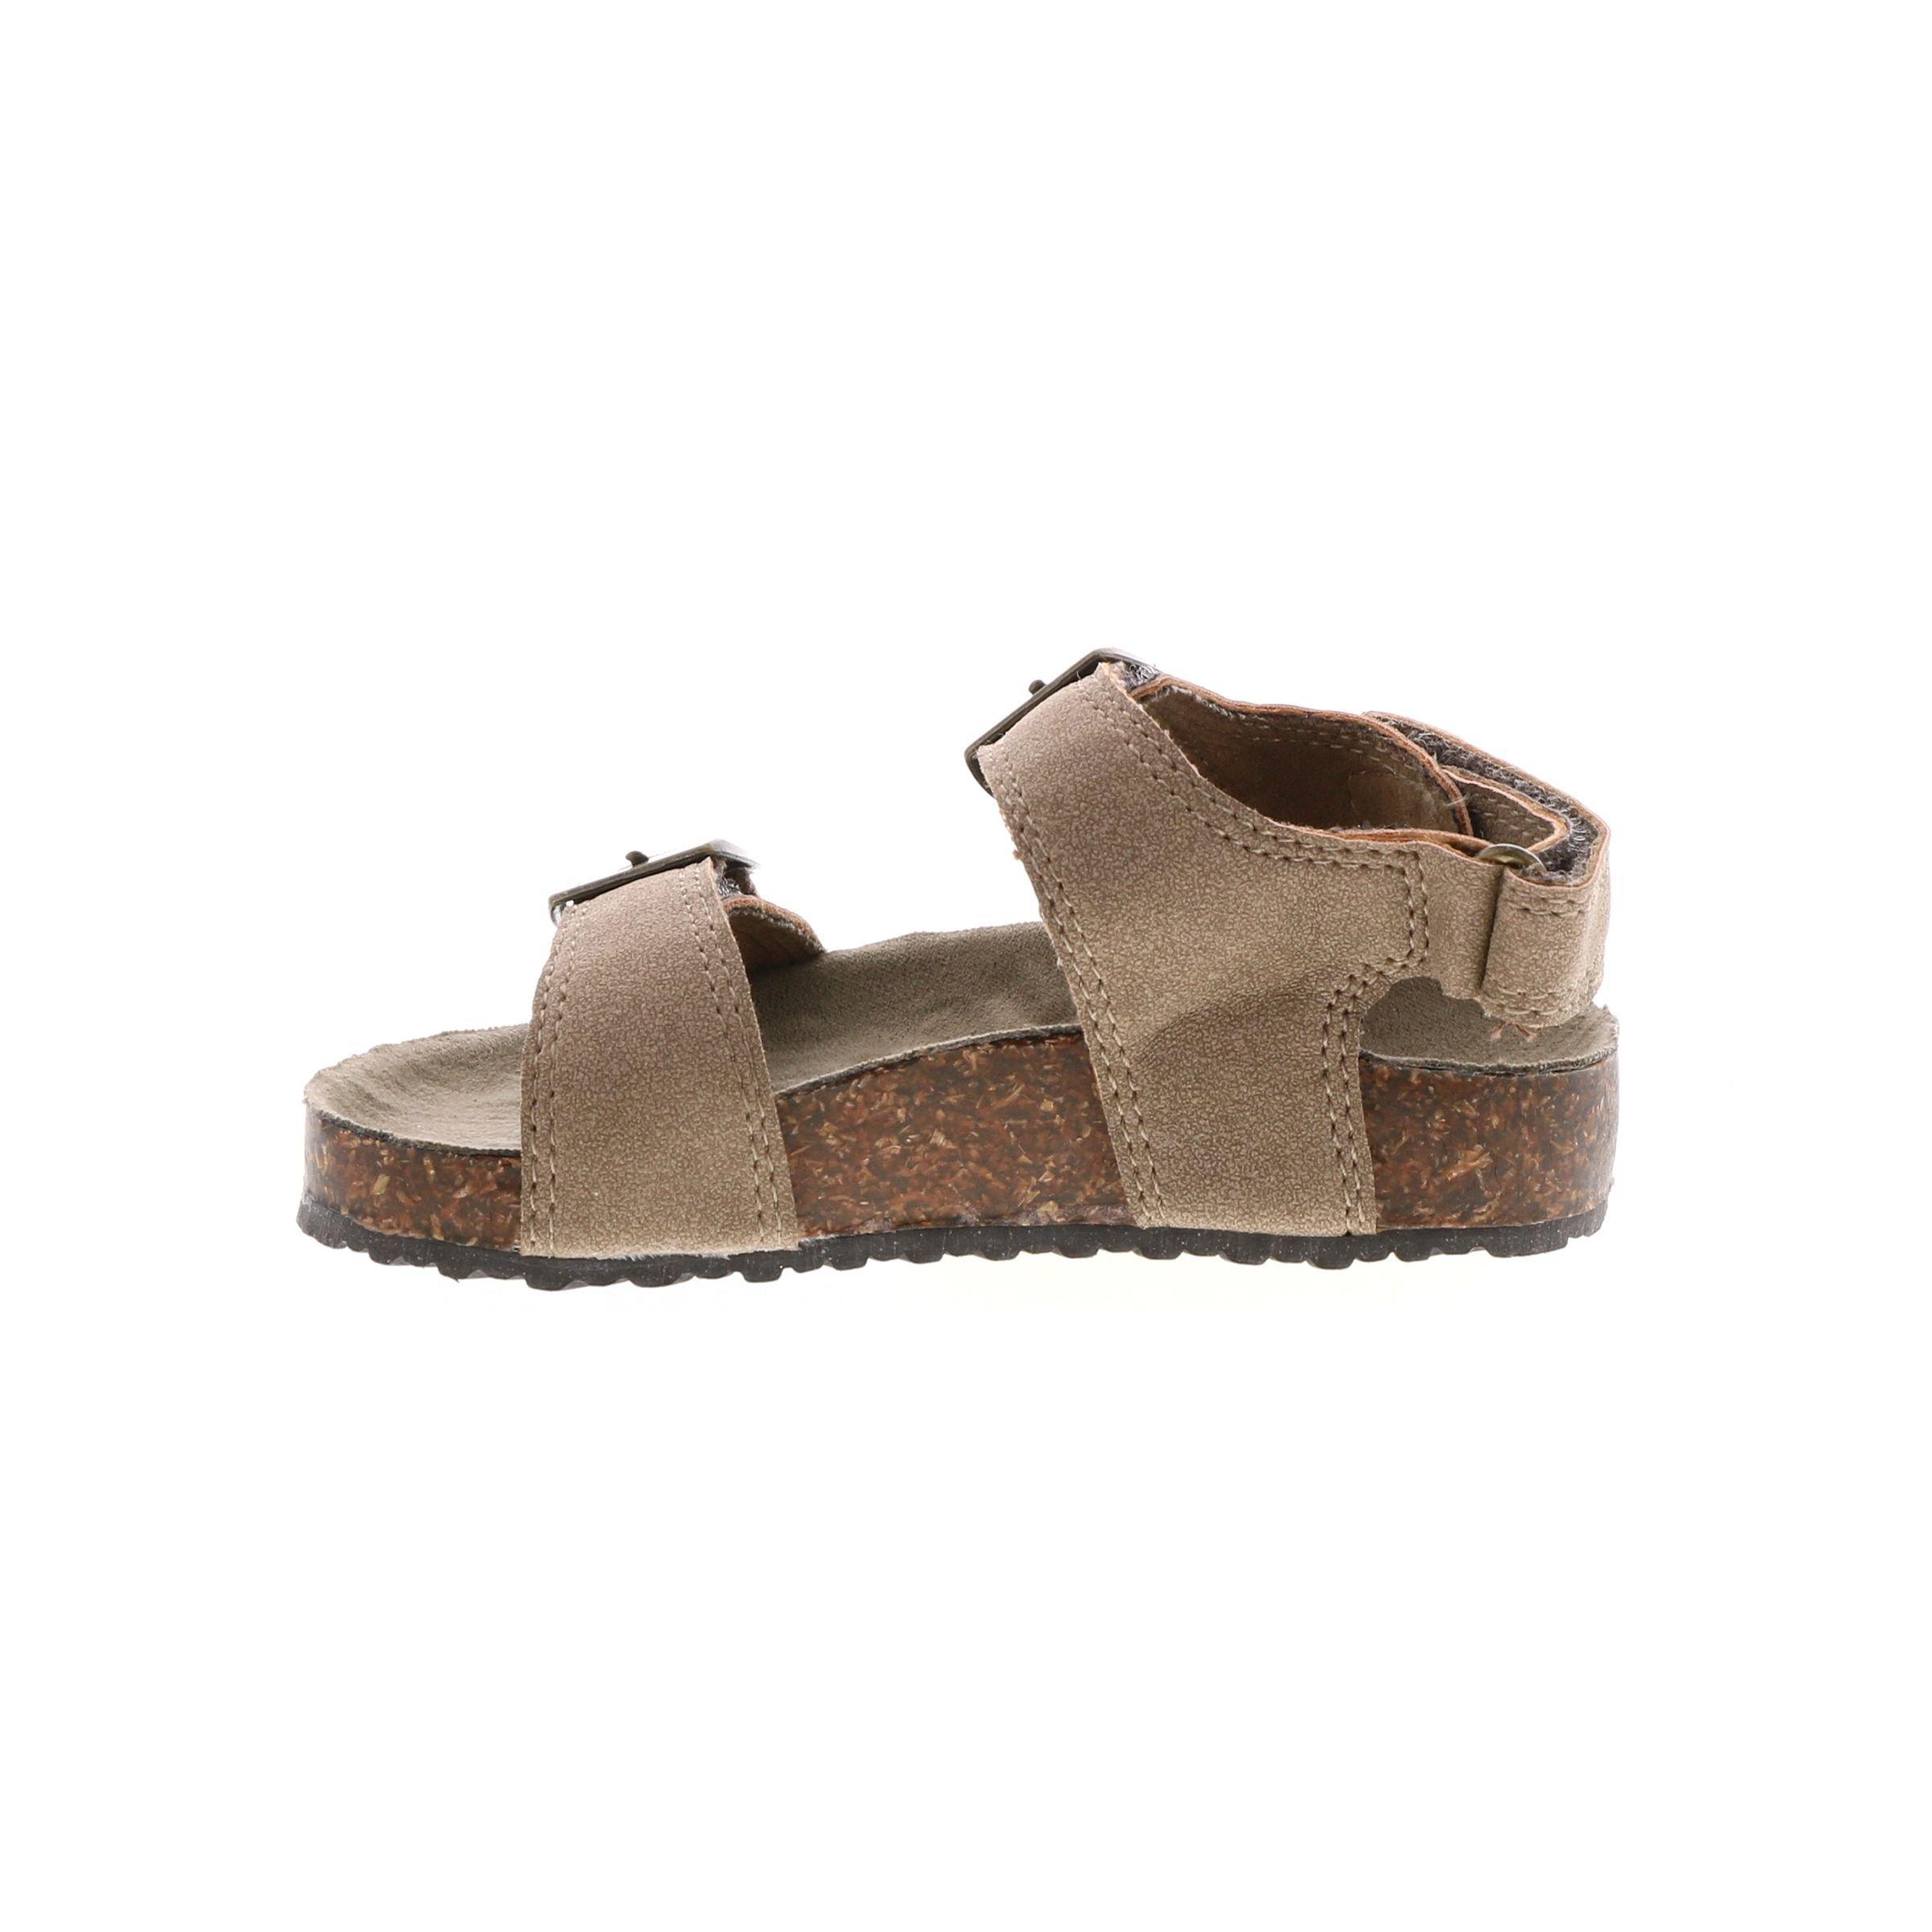 carter's Boys' Aldus Birkenstock Slide Sandal, Brown, 7 M US Toddler